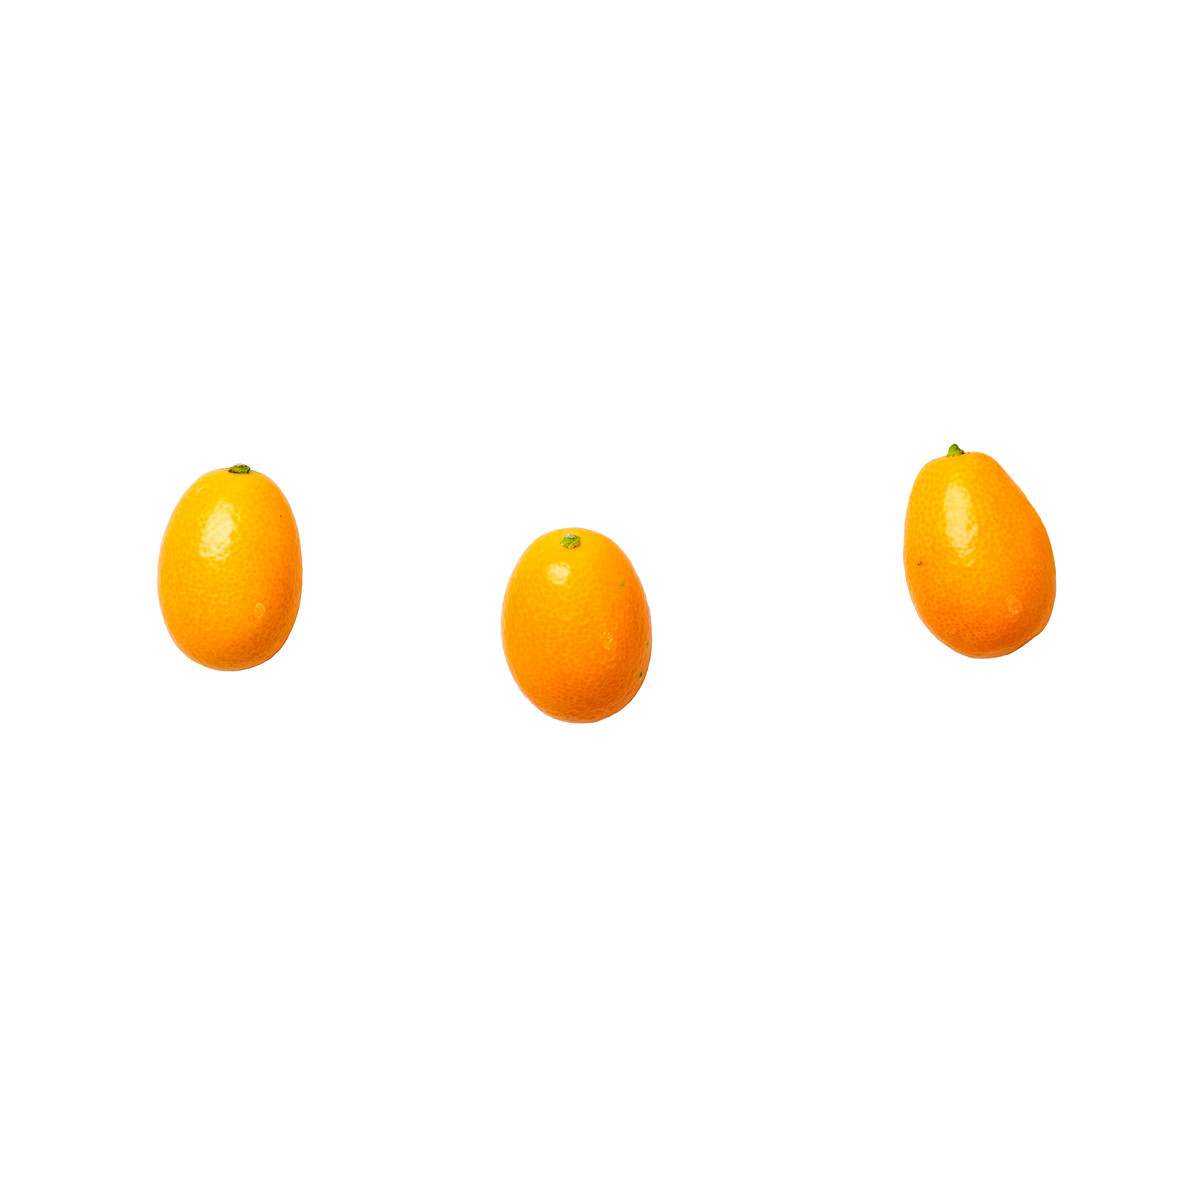 20200228_Gemüse:Obst_Freisteller_22.jpg